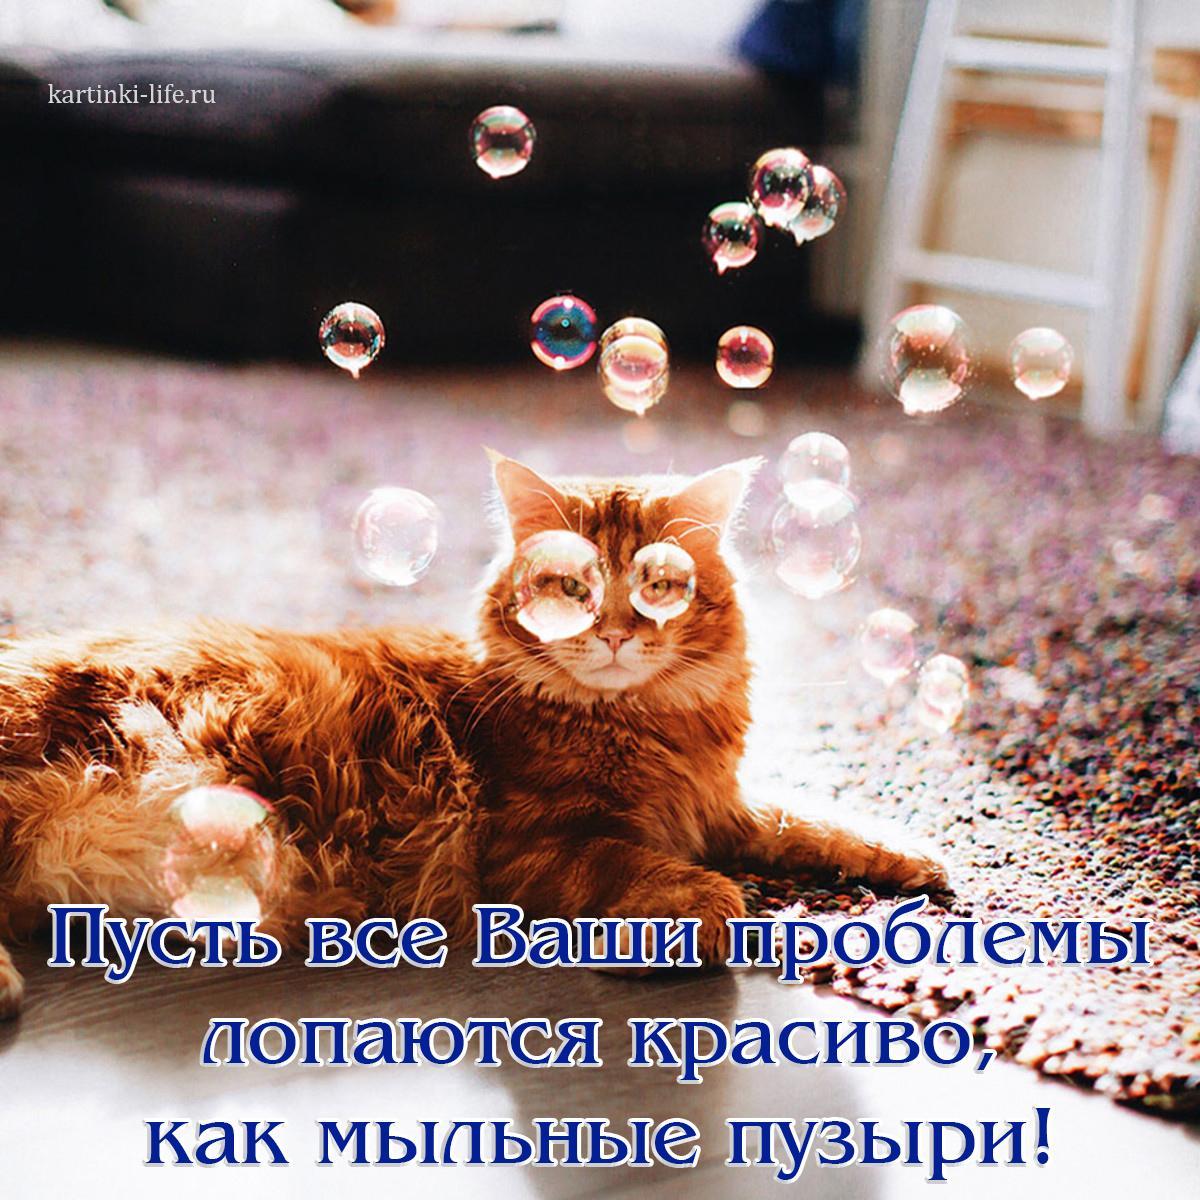 Пусть все Ваши проблемы лопаются красиво, как мыльные пузыри!